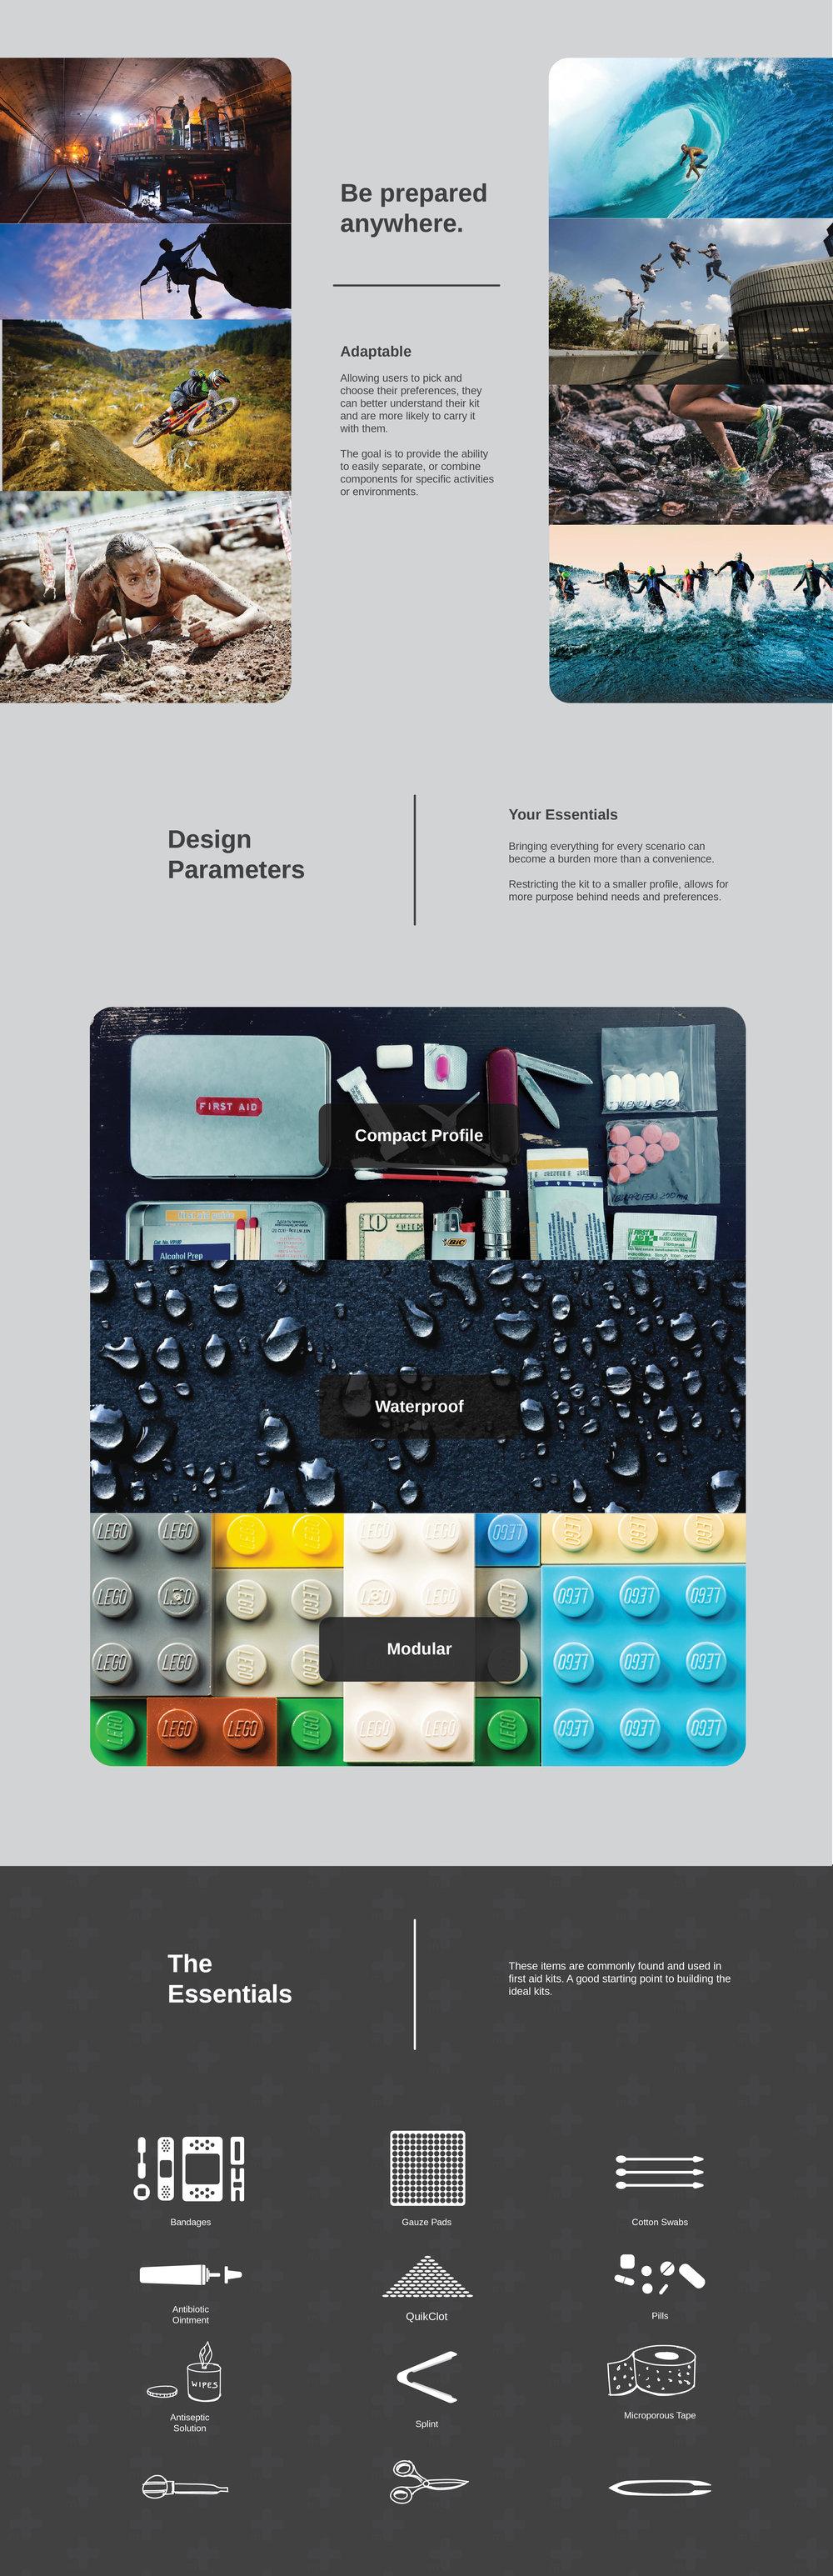 mFAK-v3-presentation3.jpg